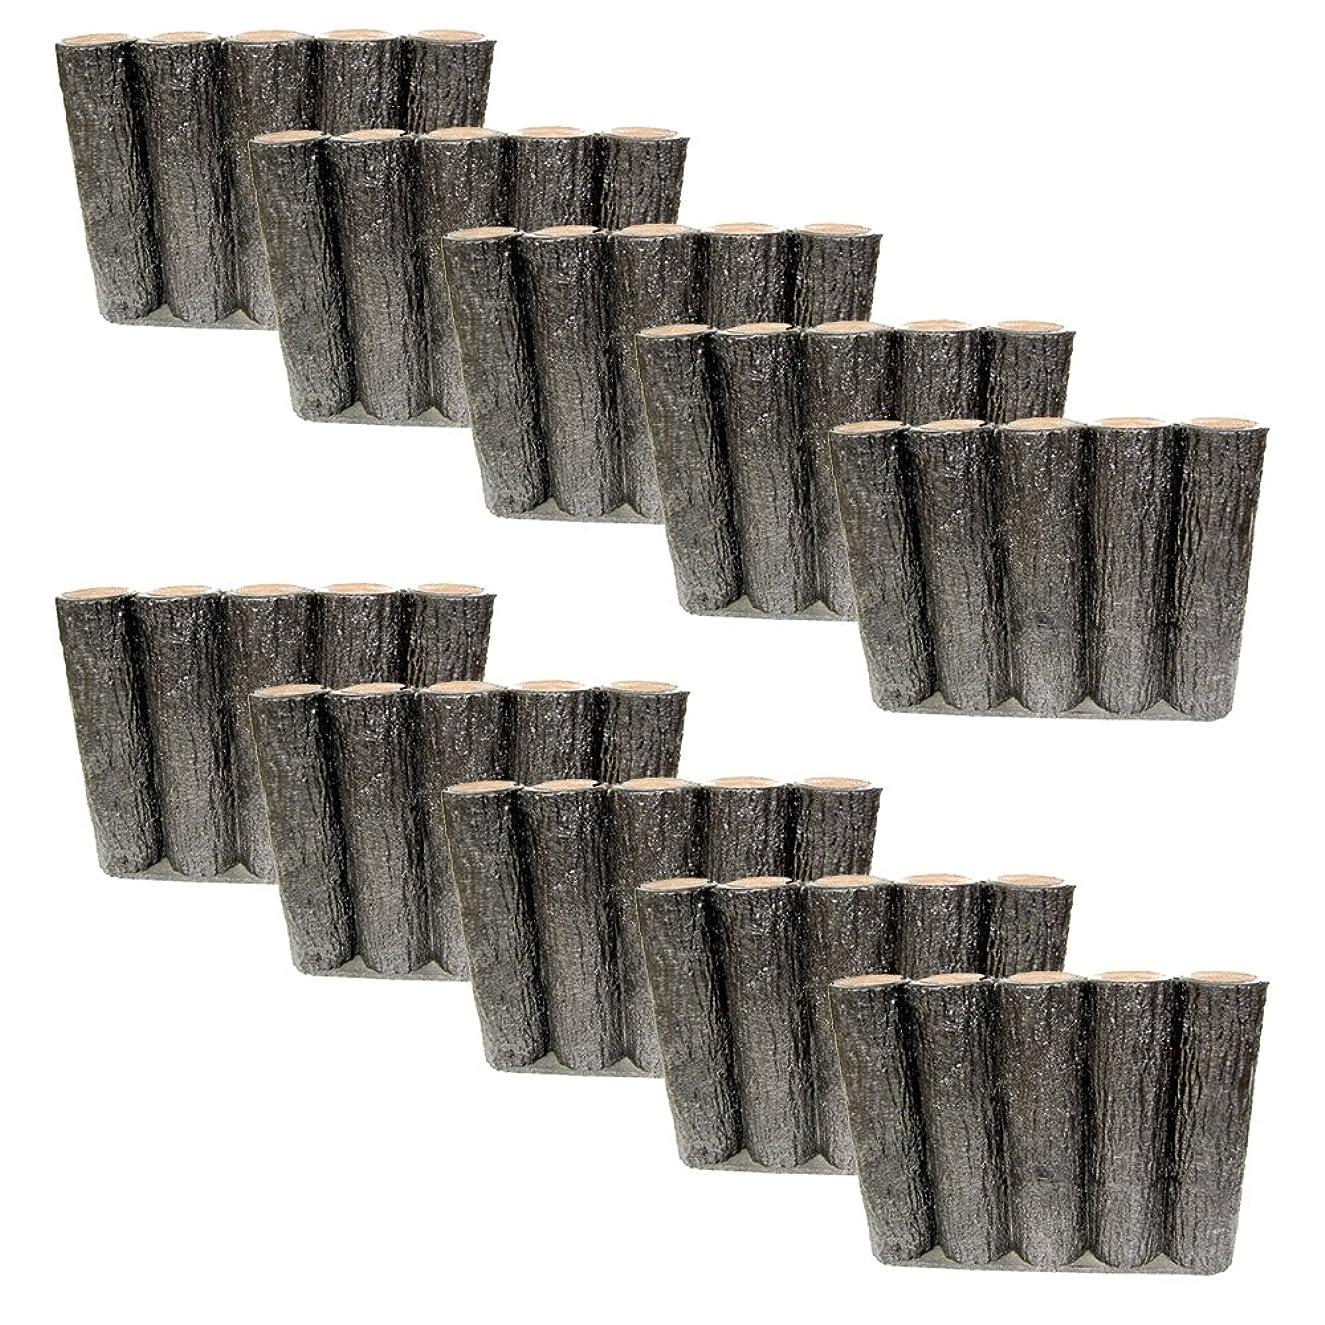 弱まるバーマドドラゴンサンポリ 樹脂製擬木はなえ80φ 5連平行杭タイプ H300 (10本セット)